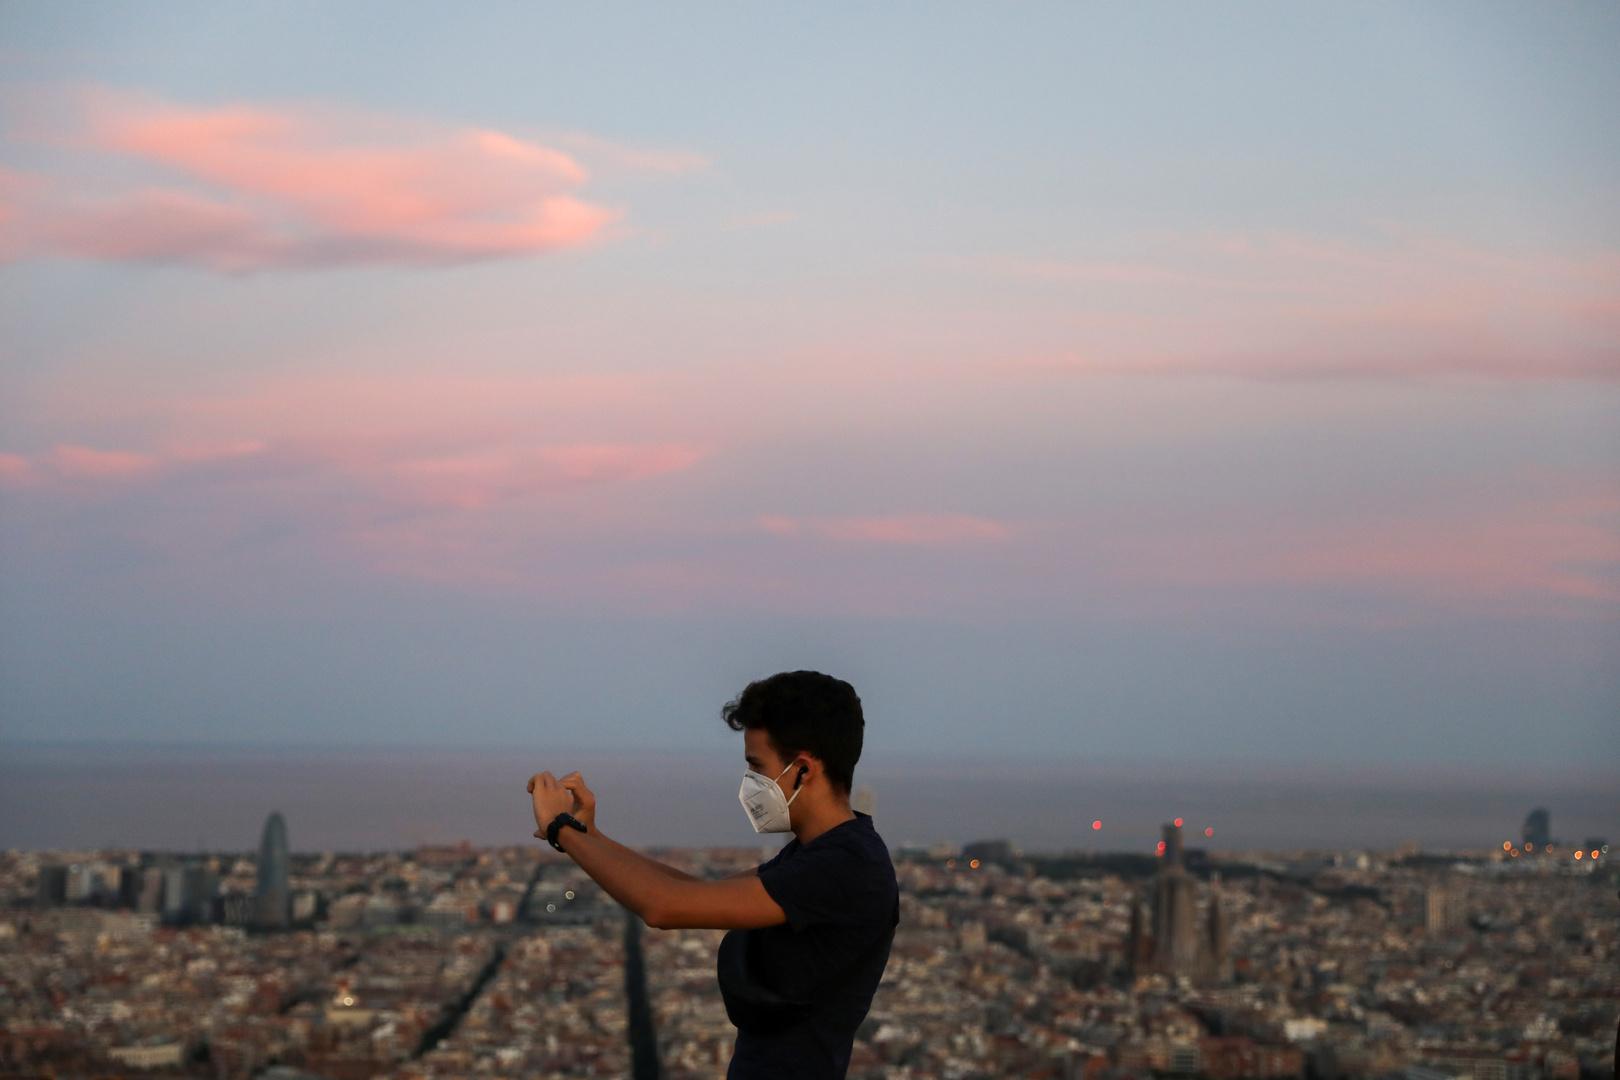 إسبانيا تسجل أكبر قفزة في إصابات كورونا منذ أكثر من شهرين